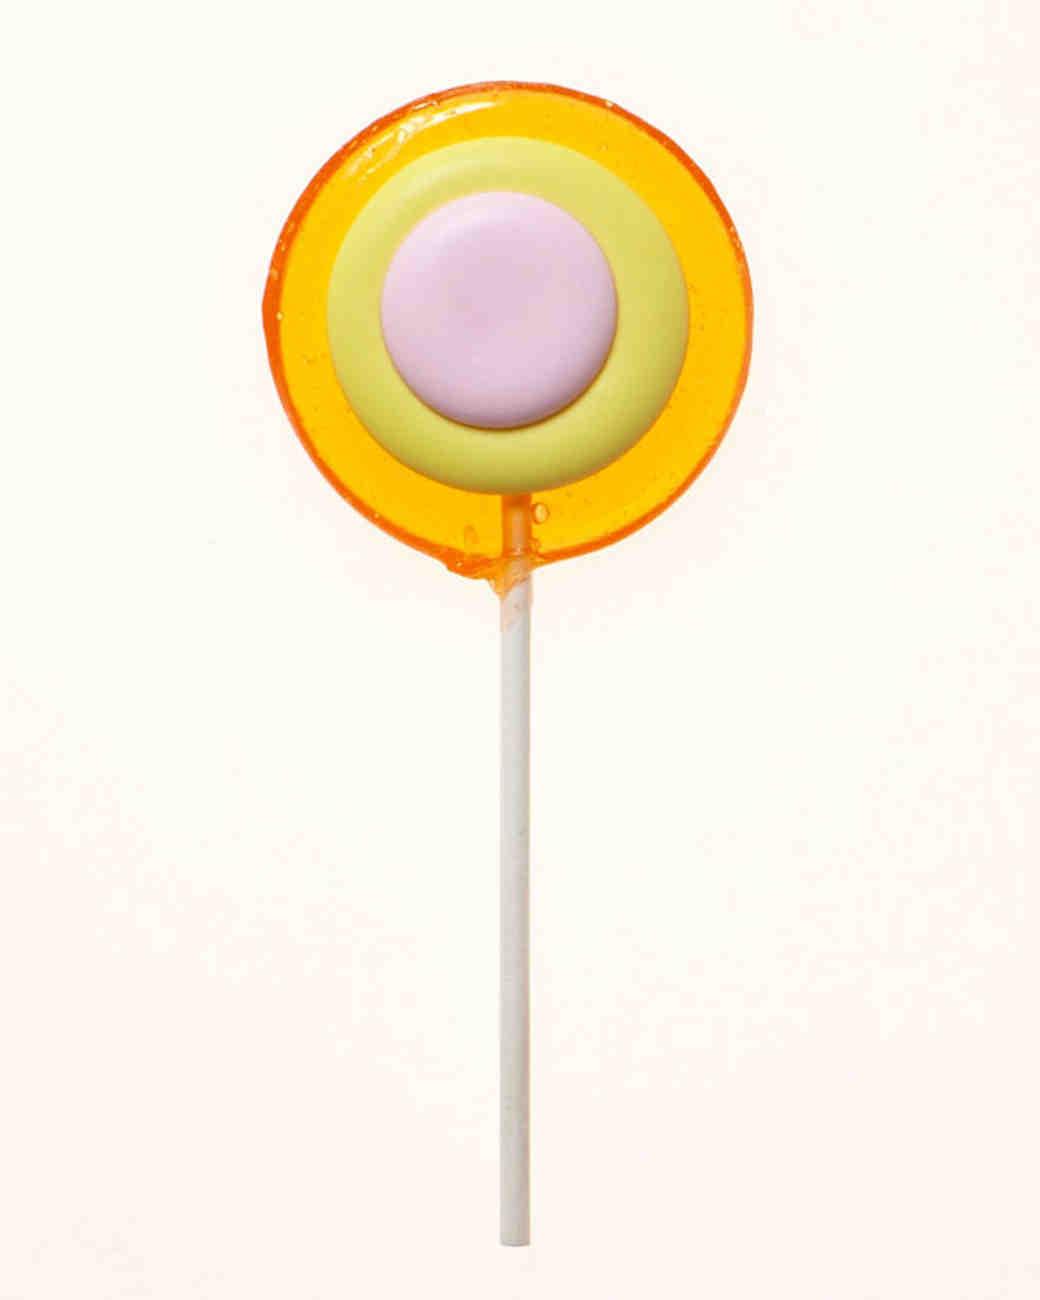 candy-dylan-sum11d107396-043.jpg